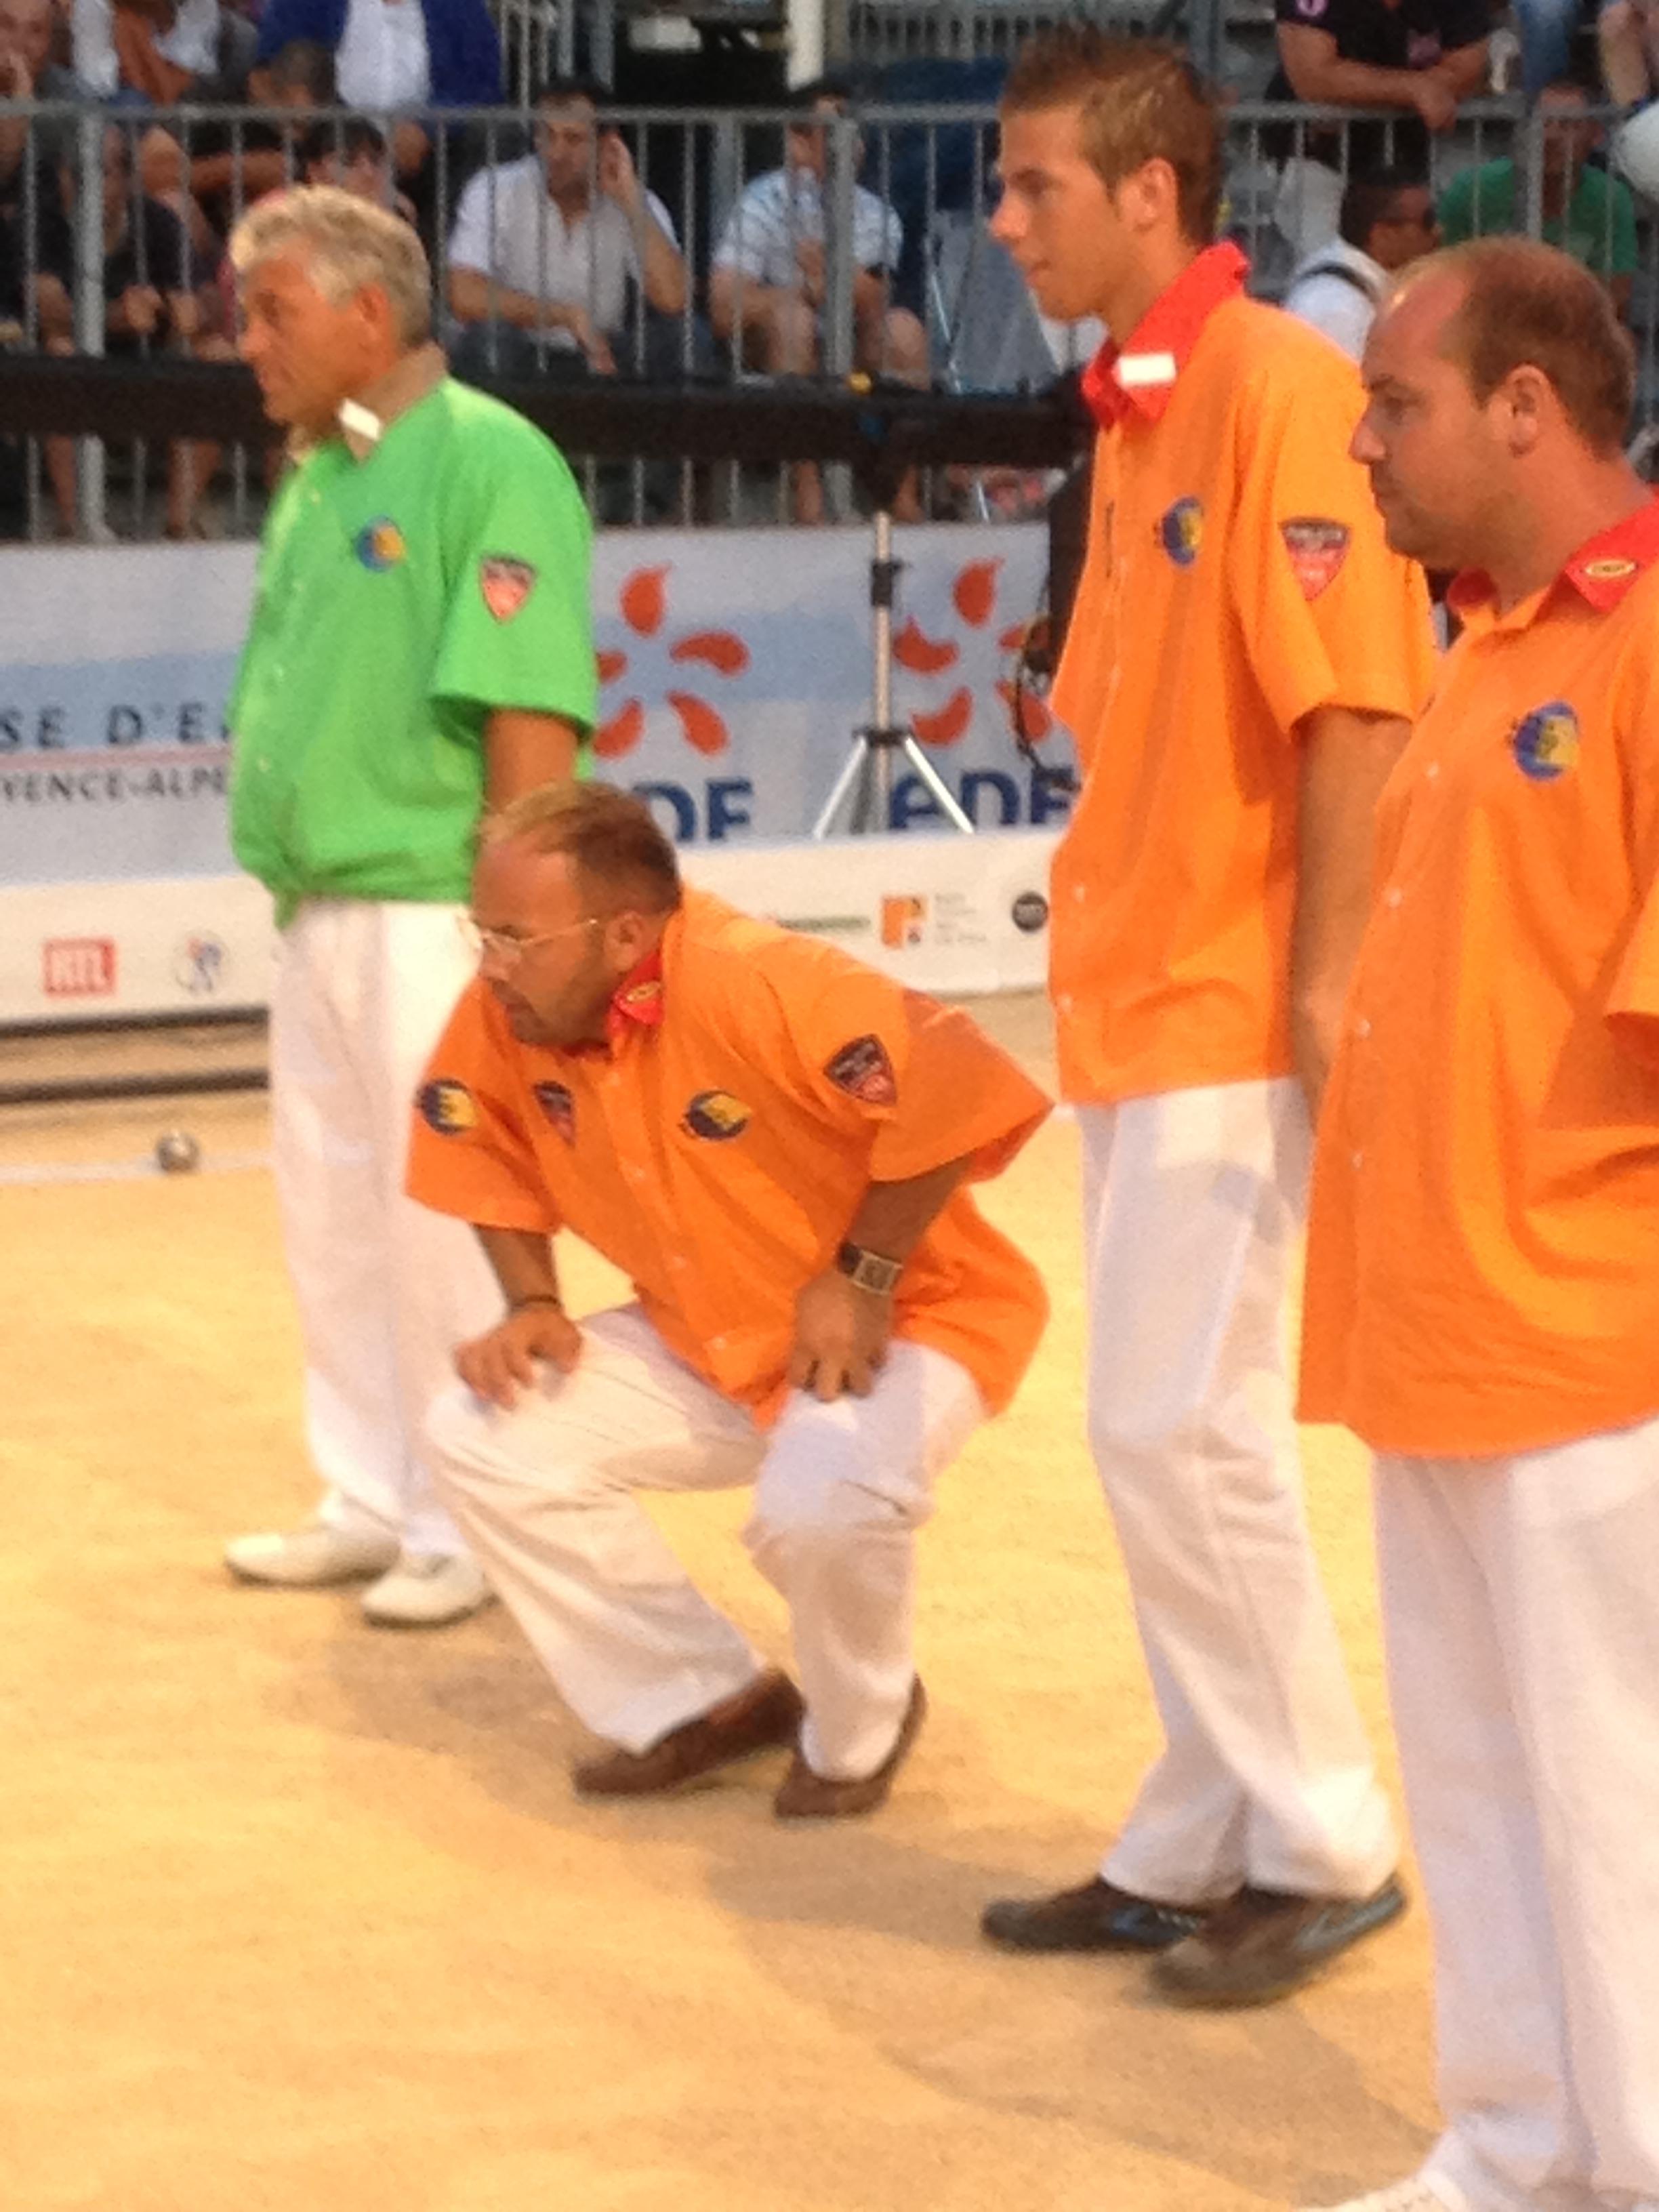 Mondial à Pétanque : Rocher-Robineau-Dubois vainqueur du Mondial 2013 La Marseillaise!